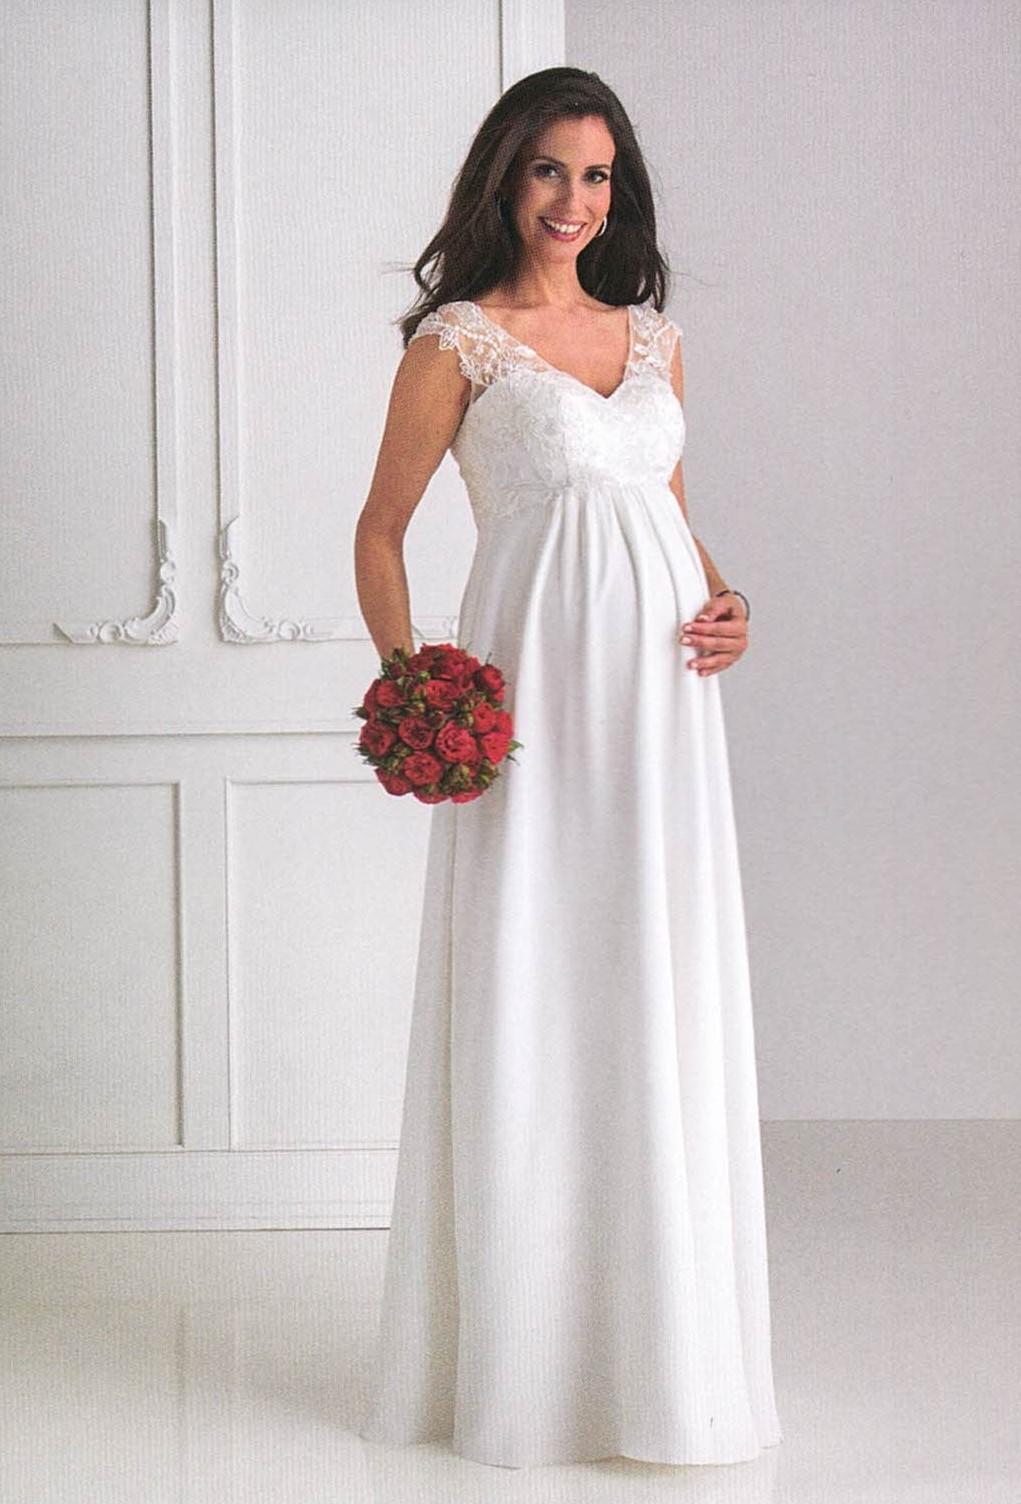 Brautkleider Hochzeitskleider Mode für schwangere langes Kleid mit Spitze ohne Ärmel und V-Ausschnitt